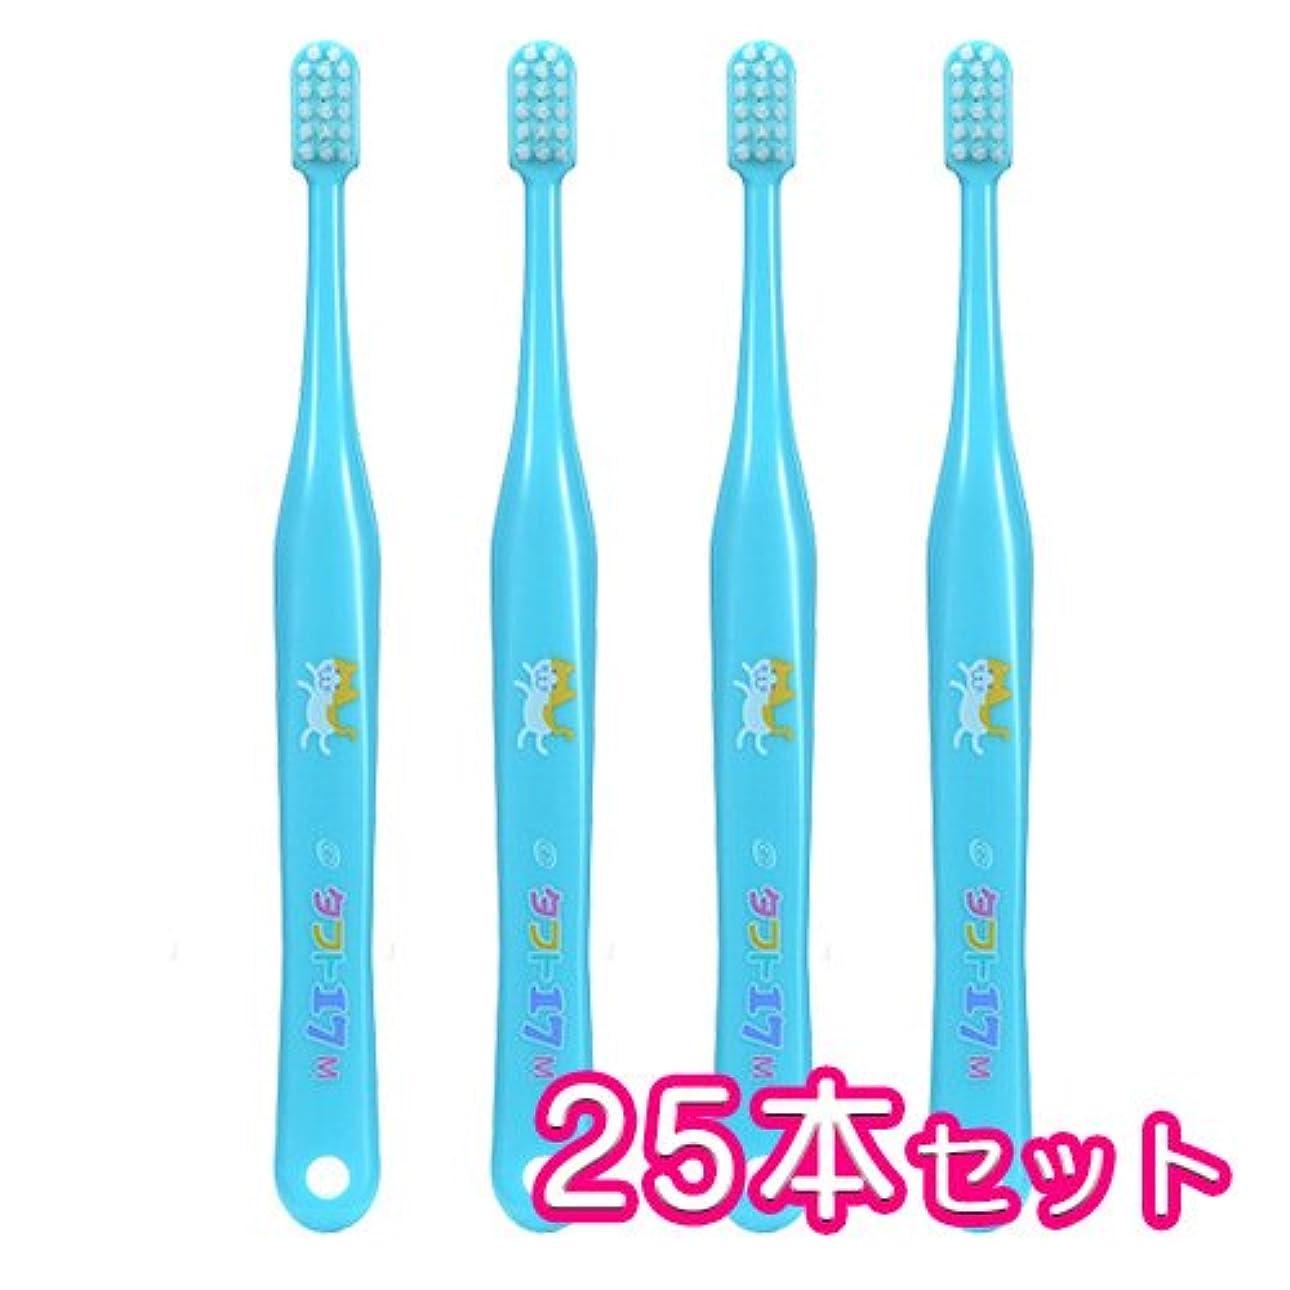 準備するデクリメント再集計タフト17 歯ブラシ ミディアム 25本入 M ブルー